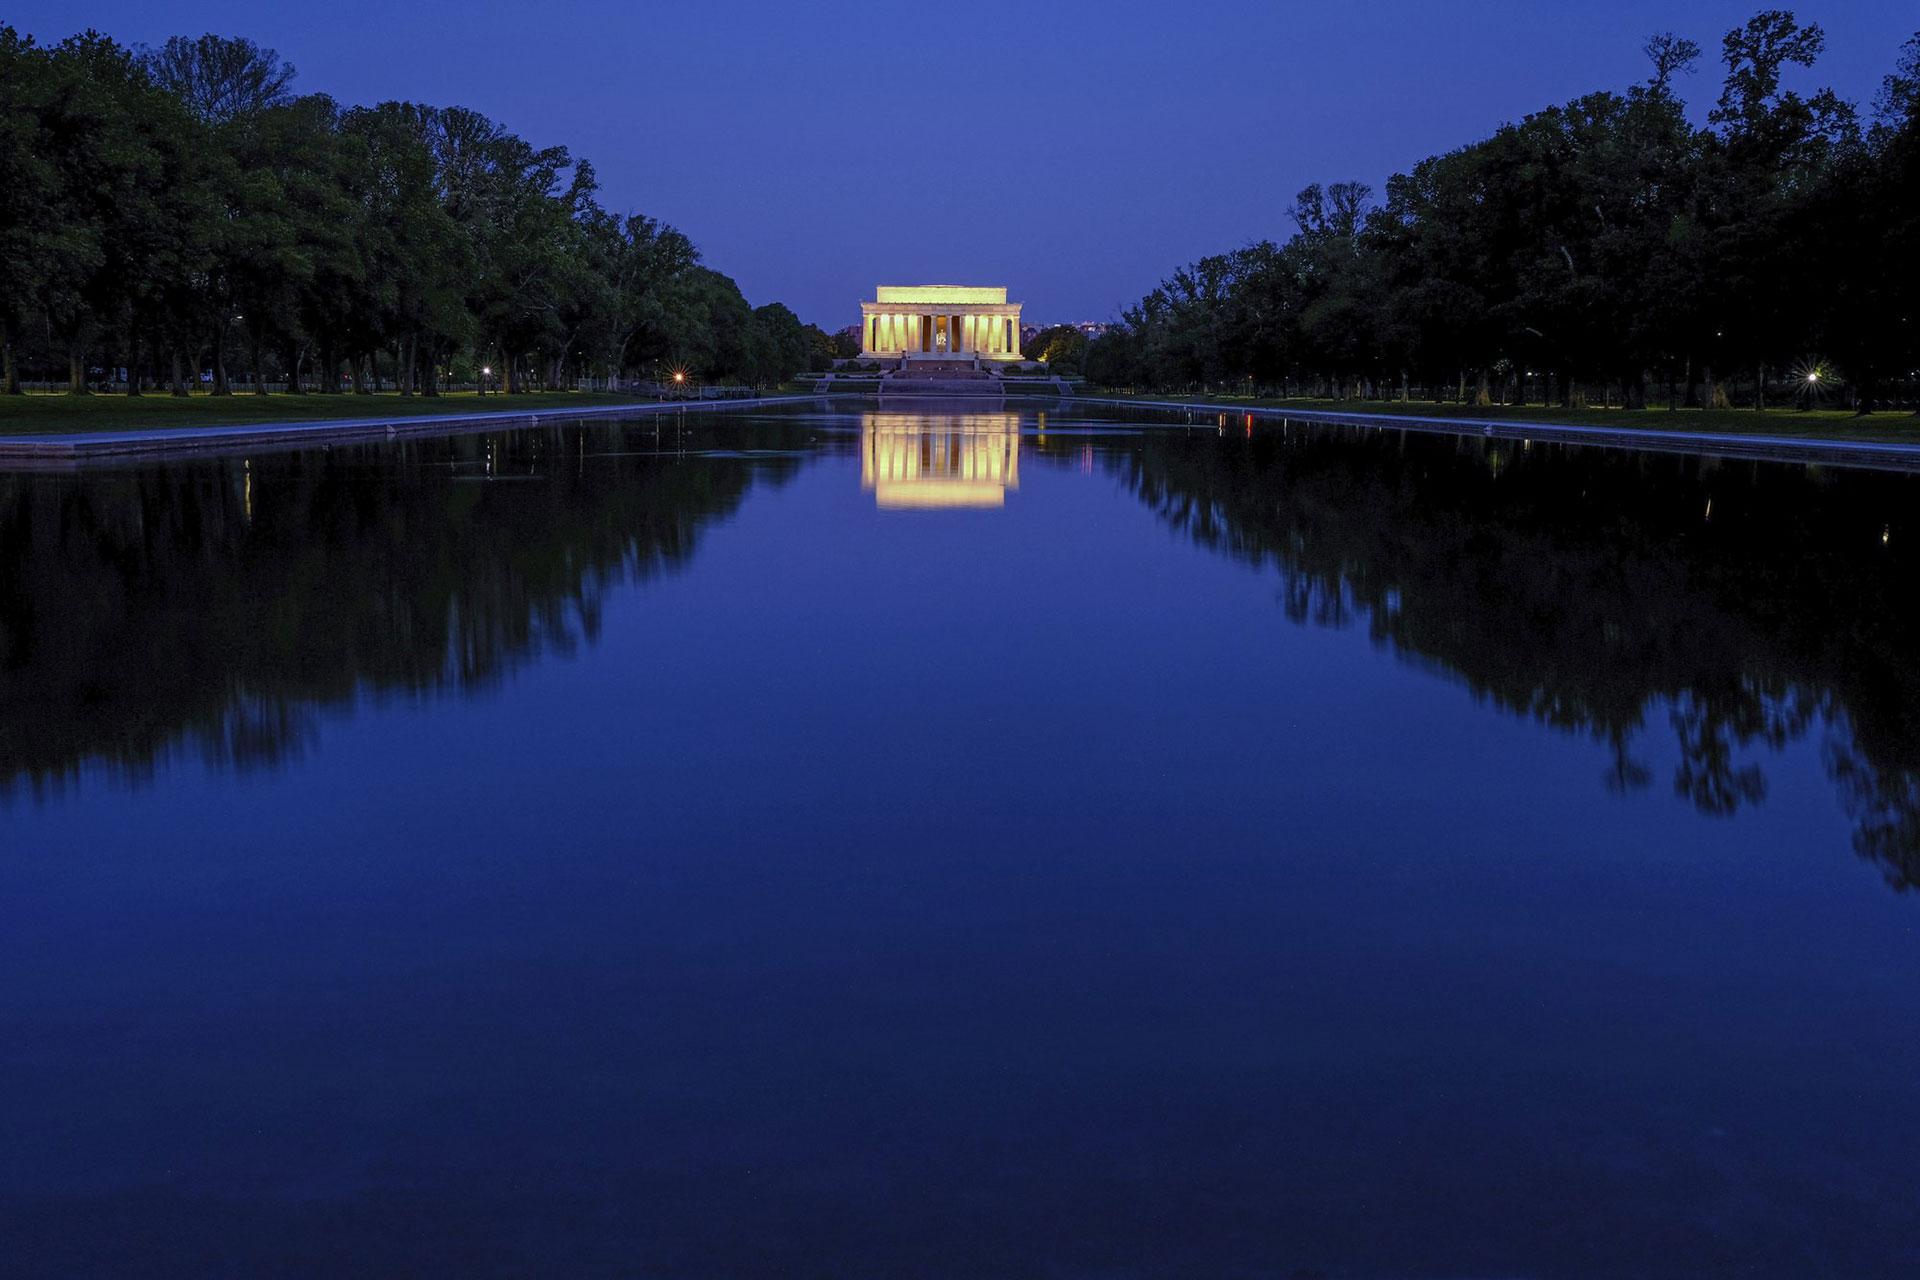 El Lincoln Memorial se refleja en las tranquilas aguas de la piscina reflectante en el National Mall en Washington, EEUU, antes del amanecer del miércoles 29 de abril de 2020. (Foto AP / J. David Ake)